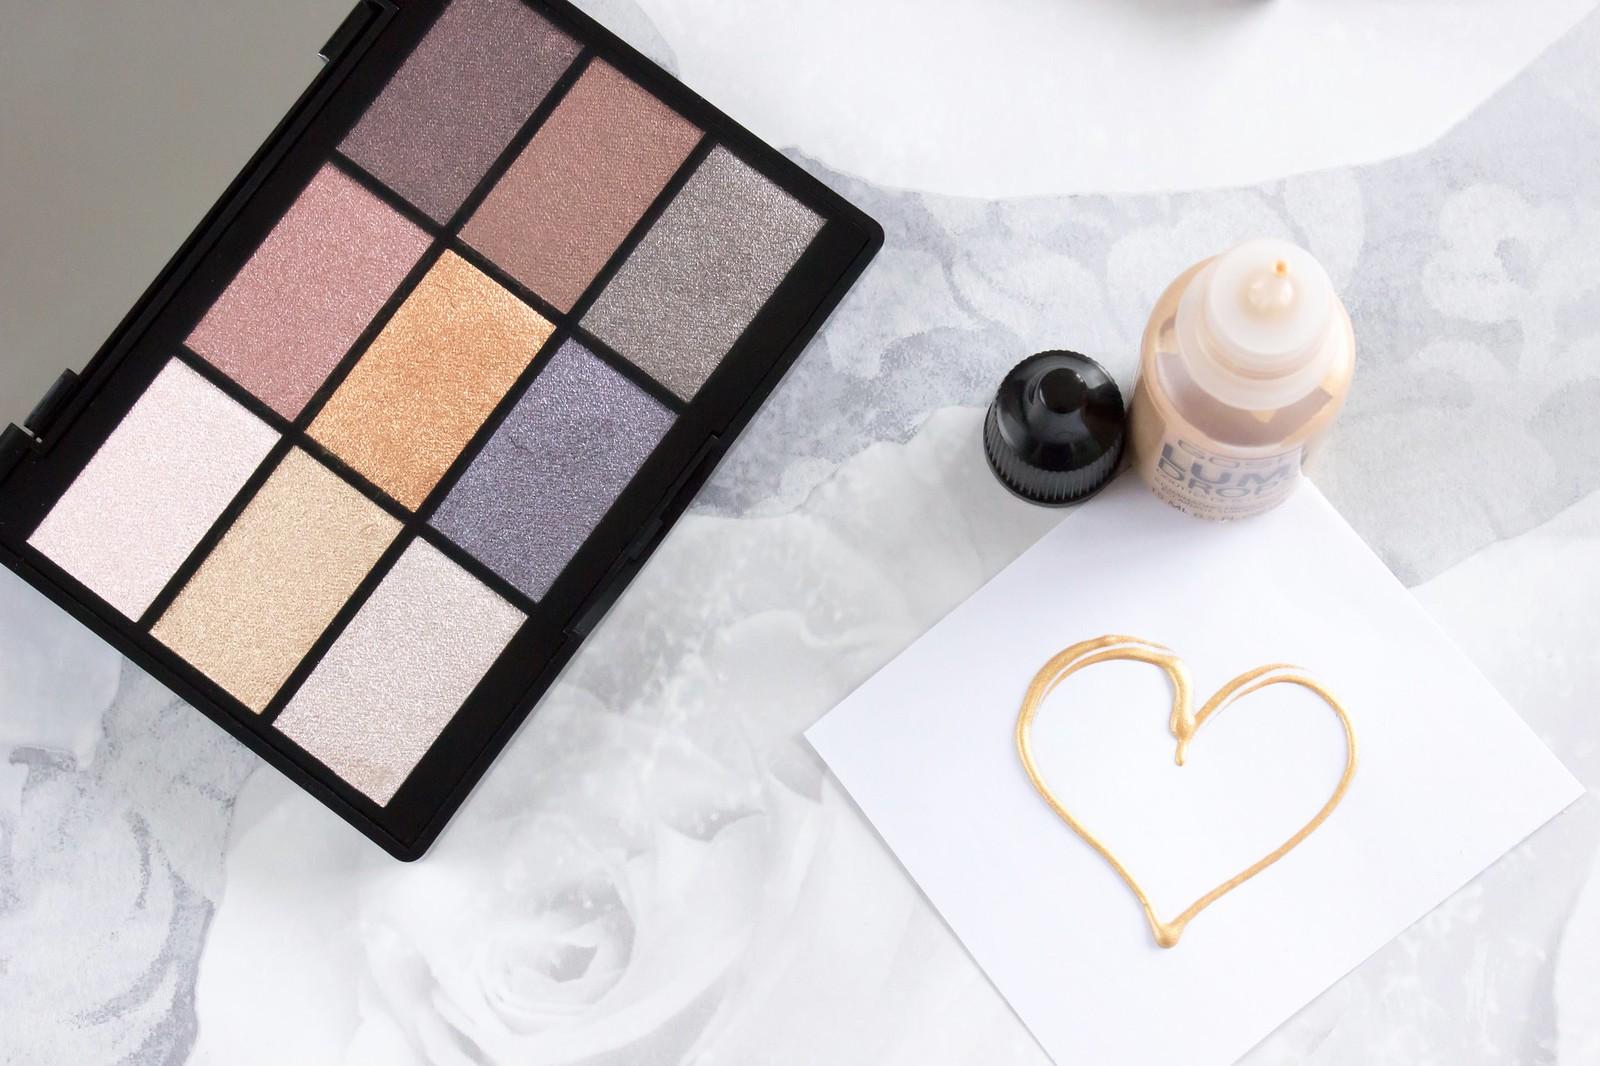 GOSH Cosmetics Makeup Review